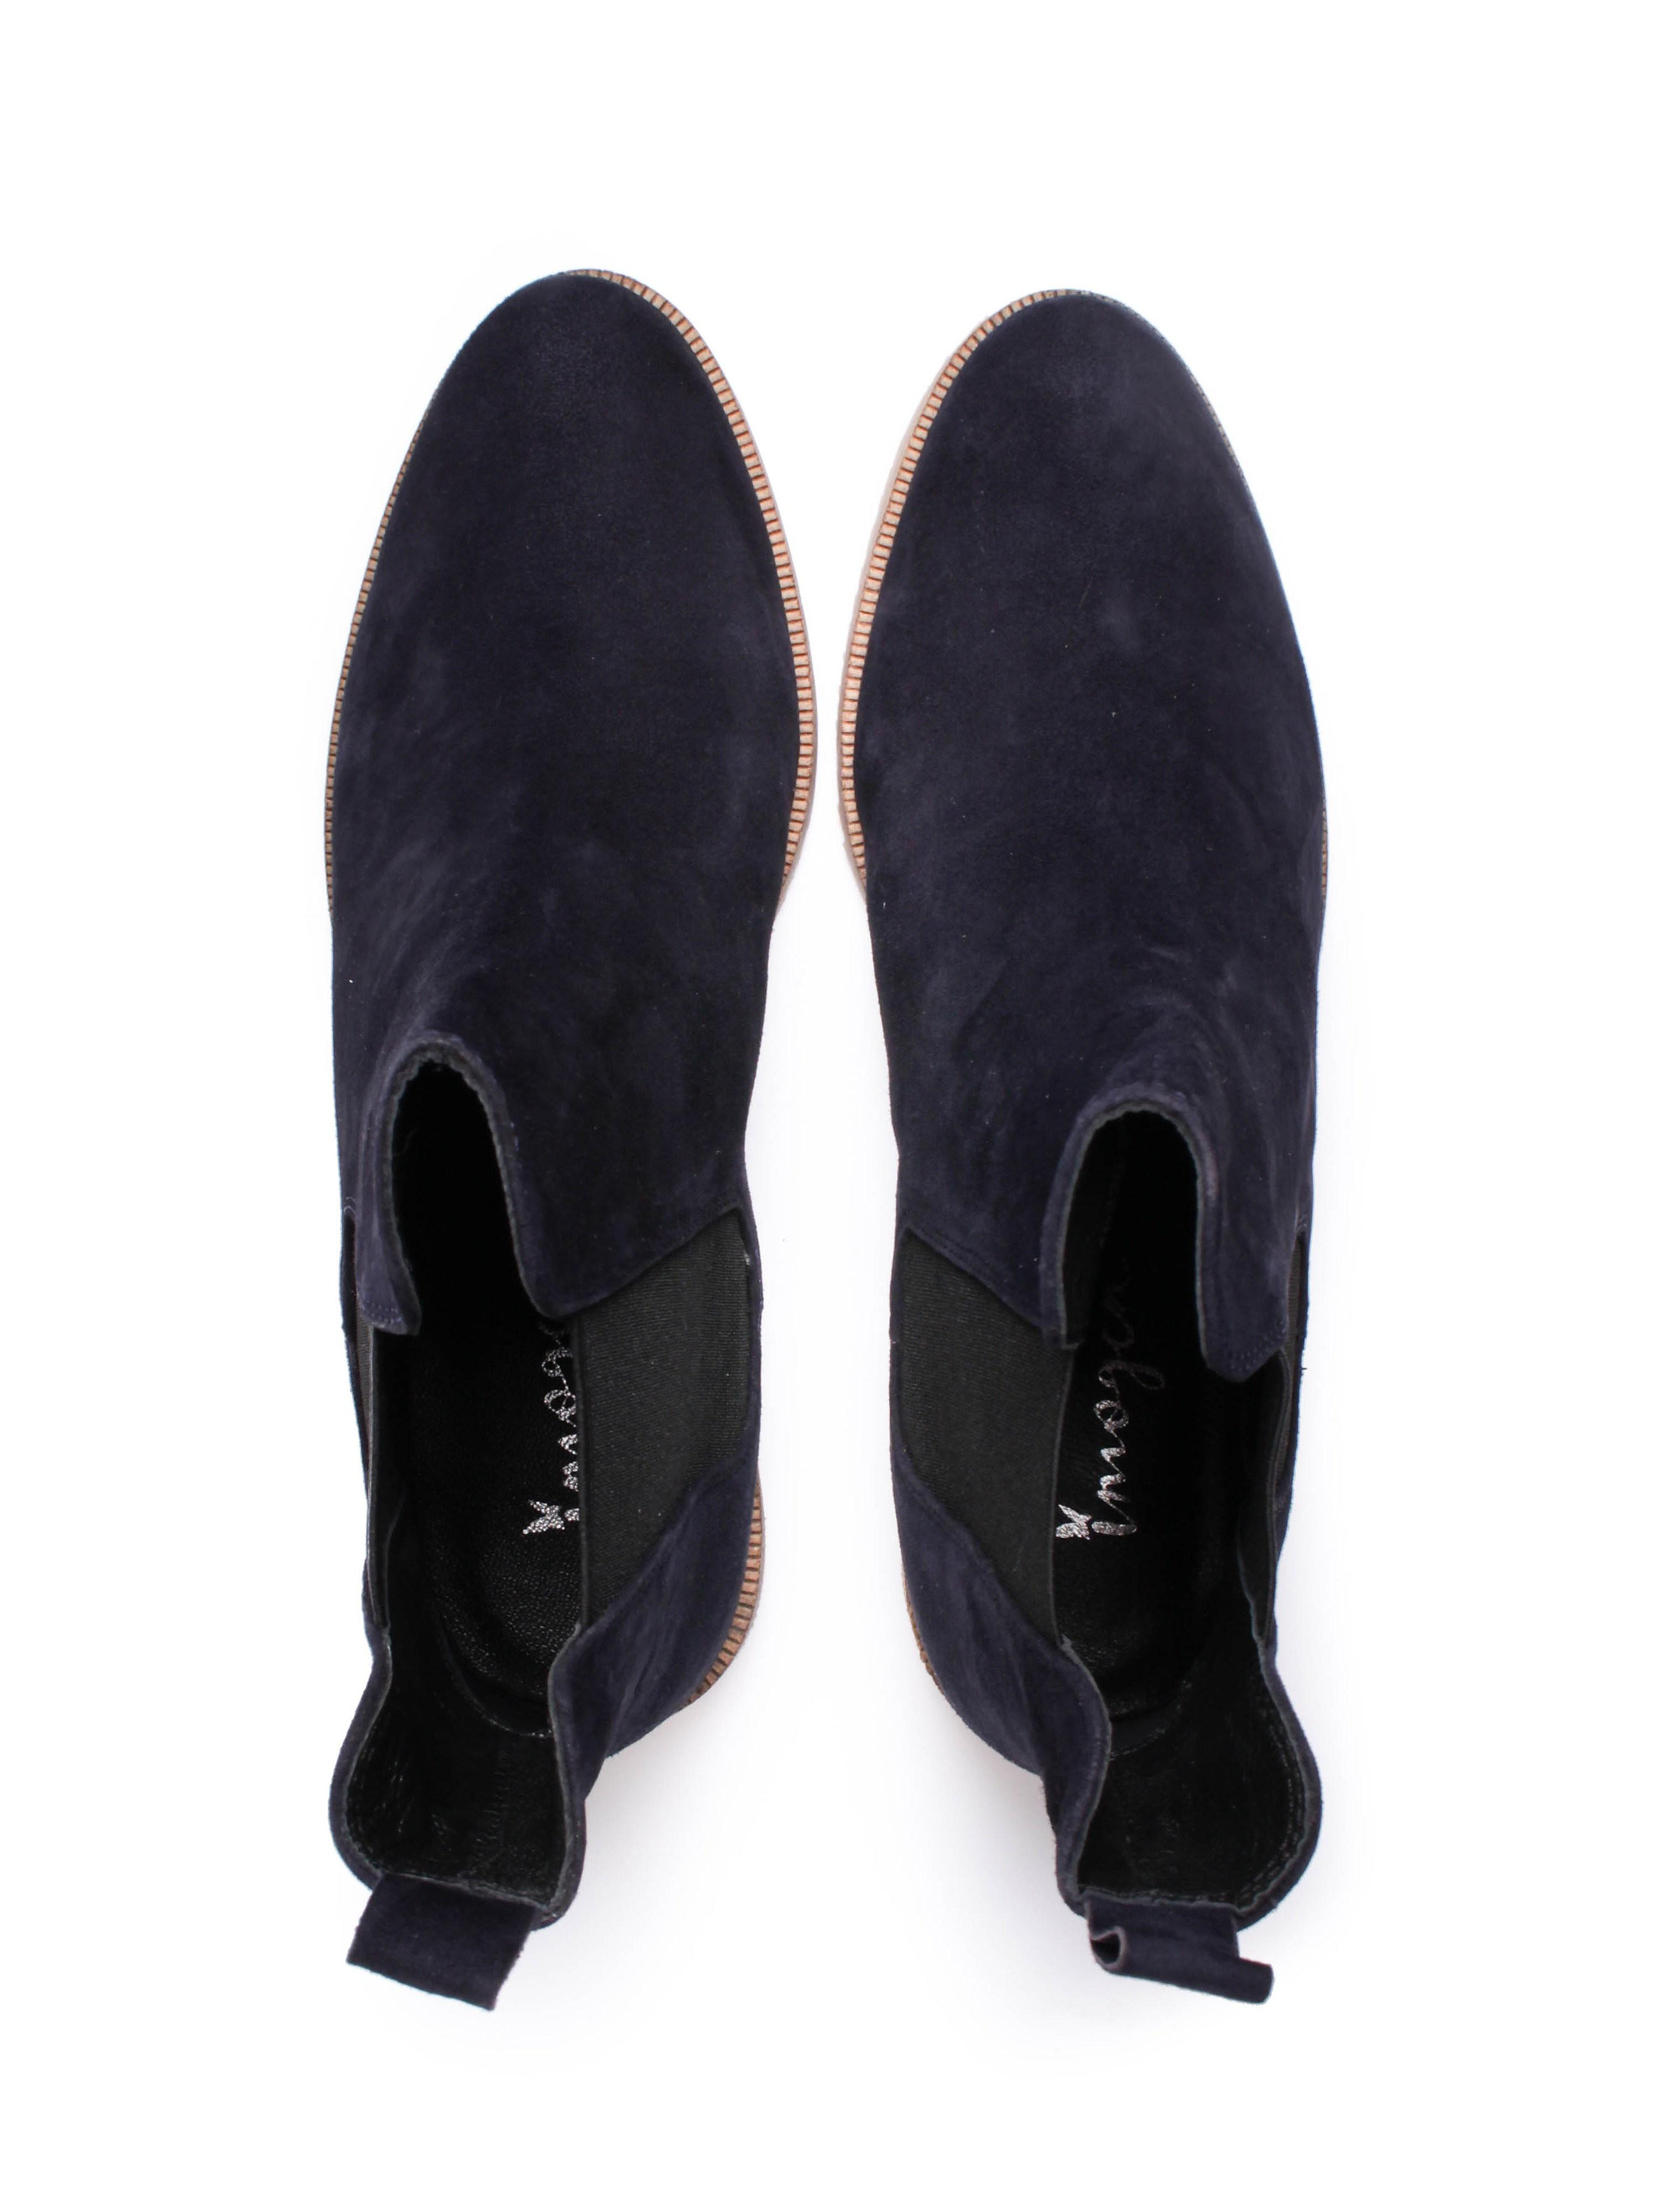 Imogen Womens Navy Suede Chelsea Boots